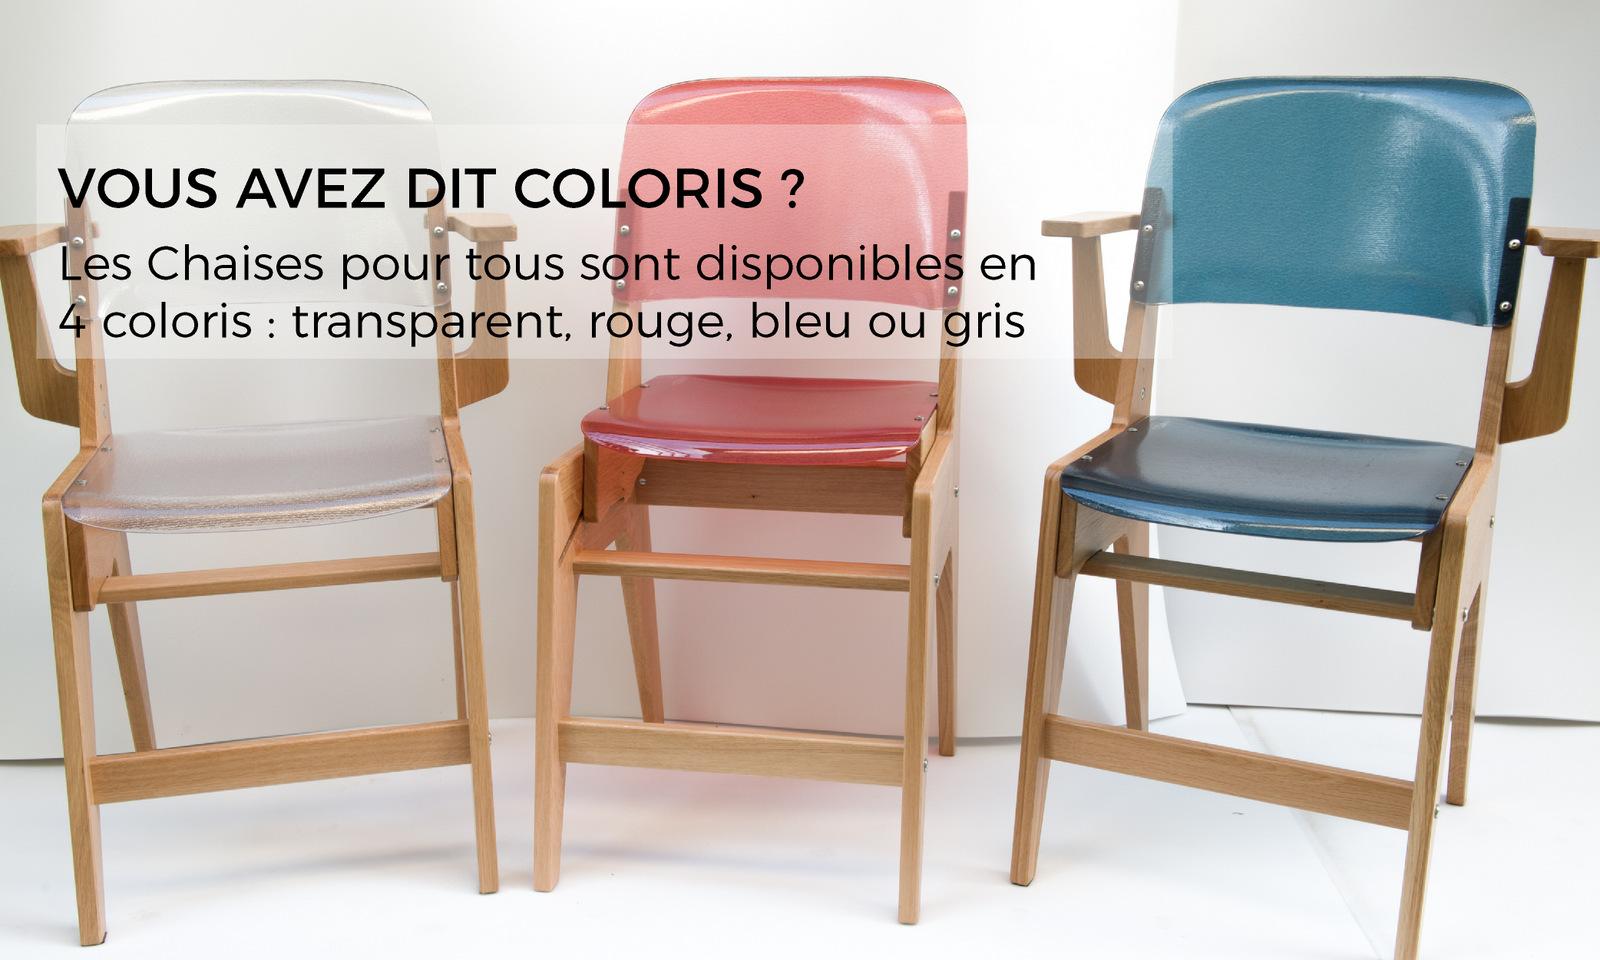 Vous avez dit coloris ? Les Chaises pour tous sont disponibles en 4 coloris